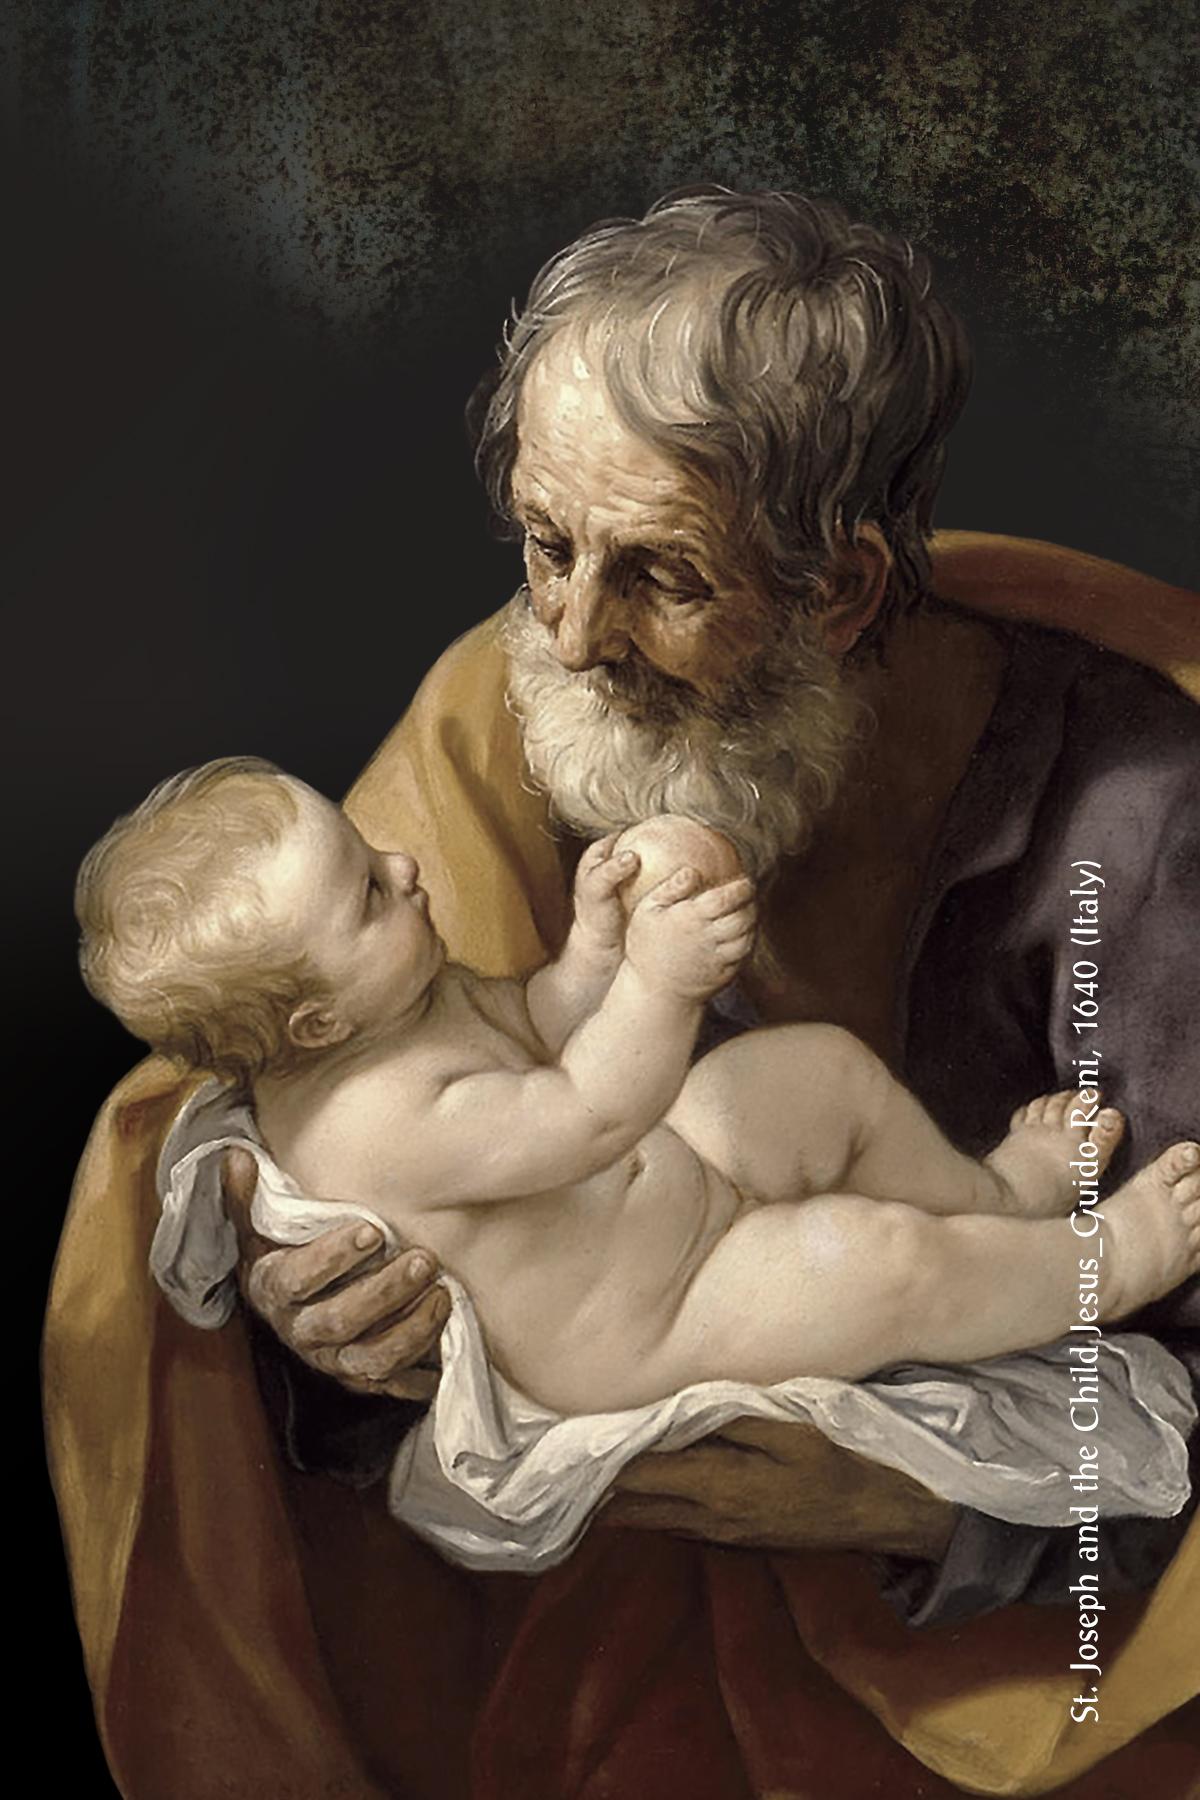 sku-16-200-26-joseph-with-child-jesus